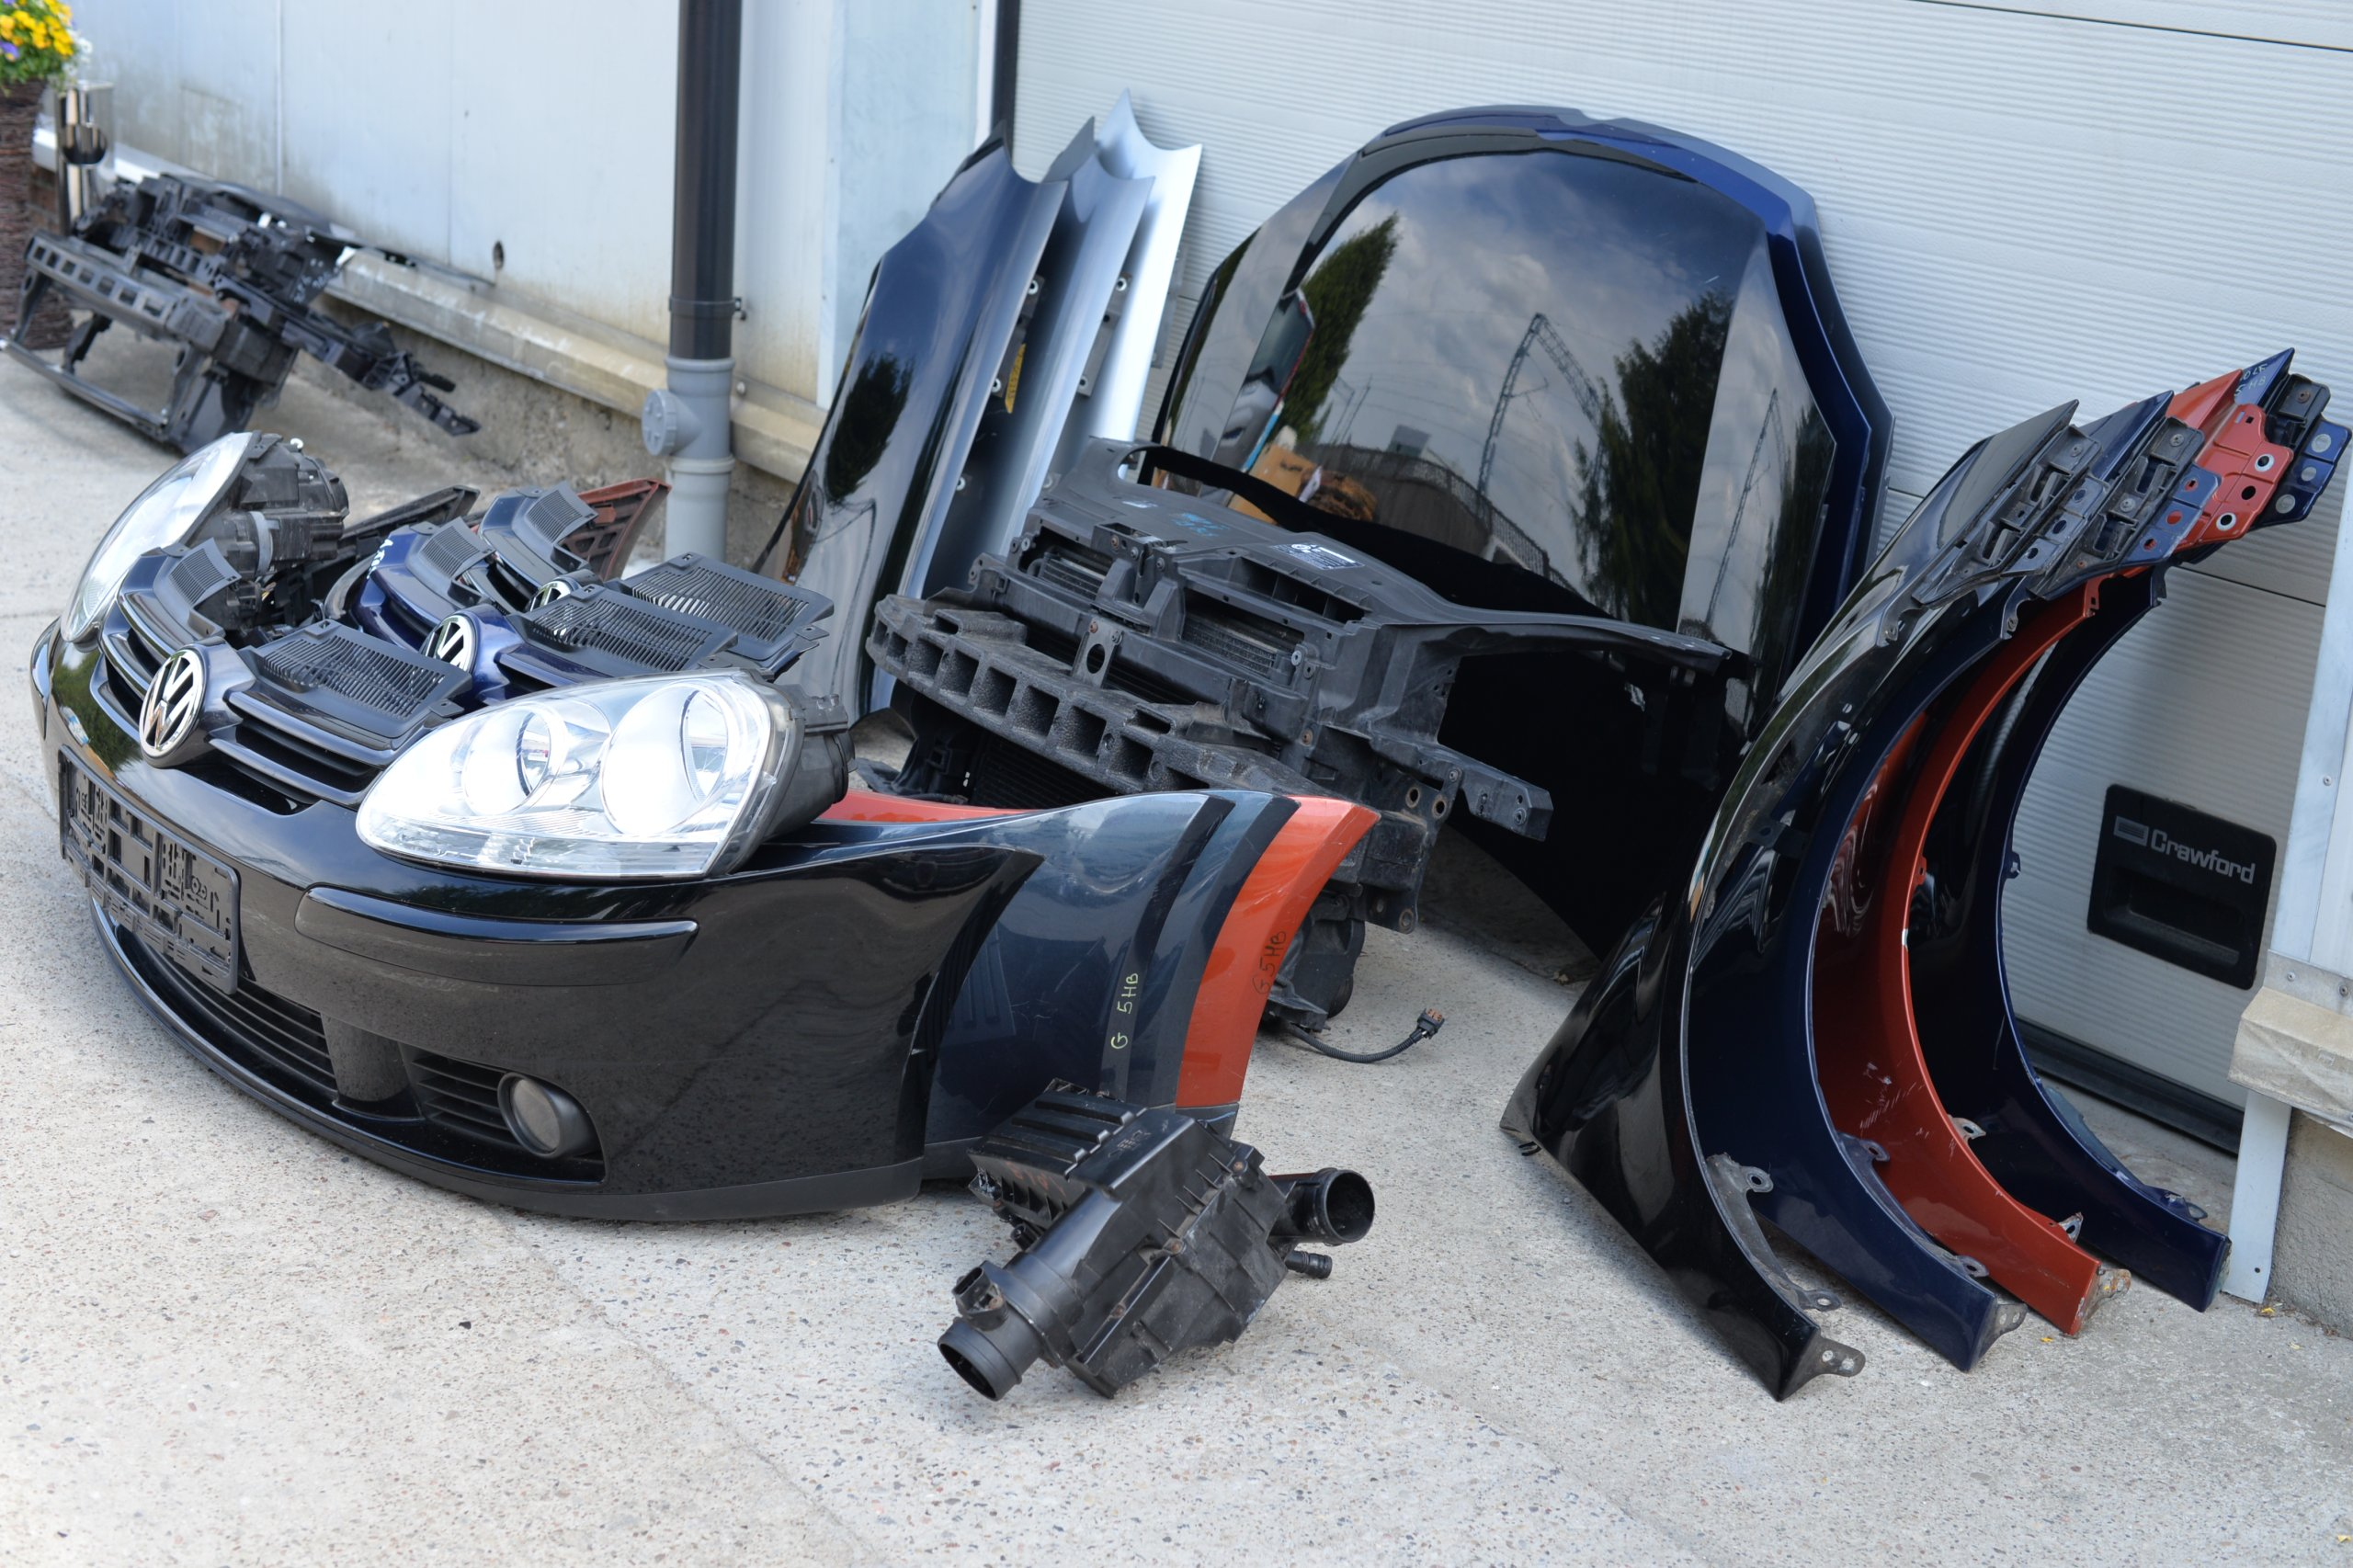 [КАПОТ ZDERZAK КРЫЛО PAS REFLEKTOR VW GOLF V 5 из Польши]изображение 3